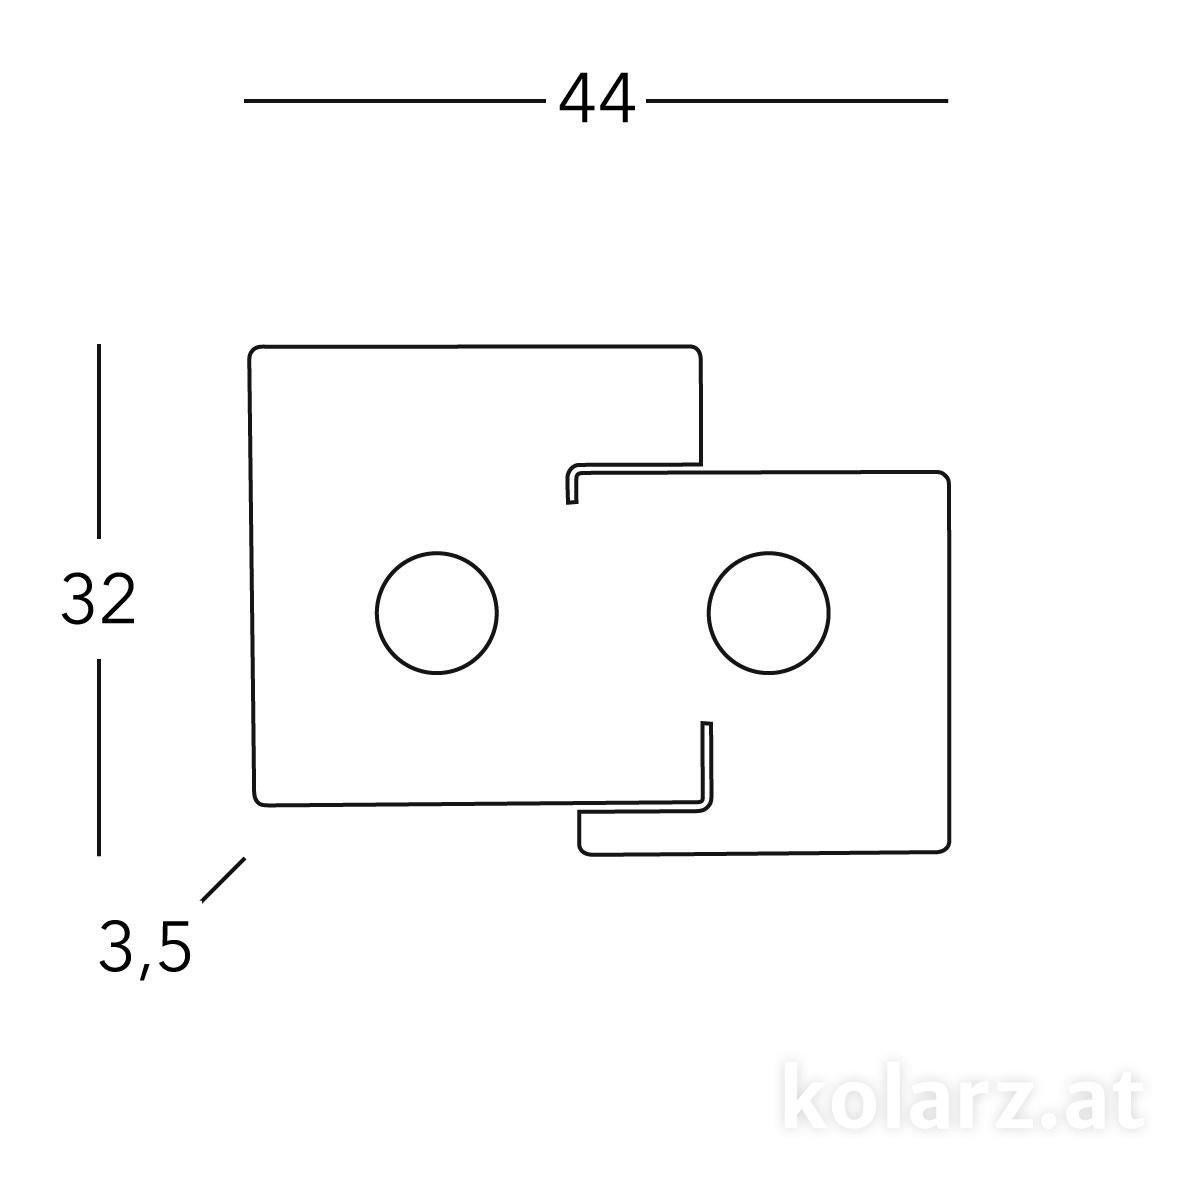 A1337-12-1-Ag-s1.jpg